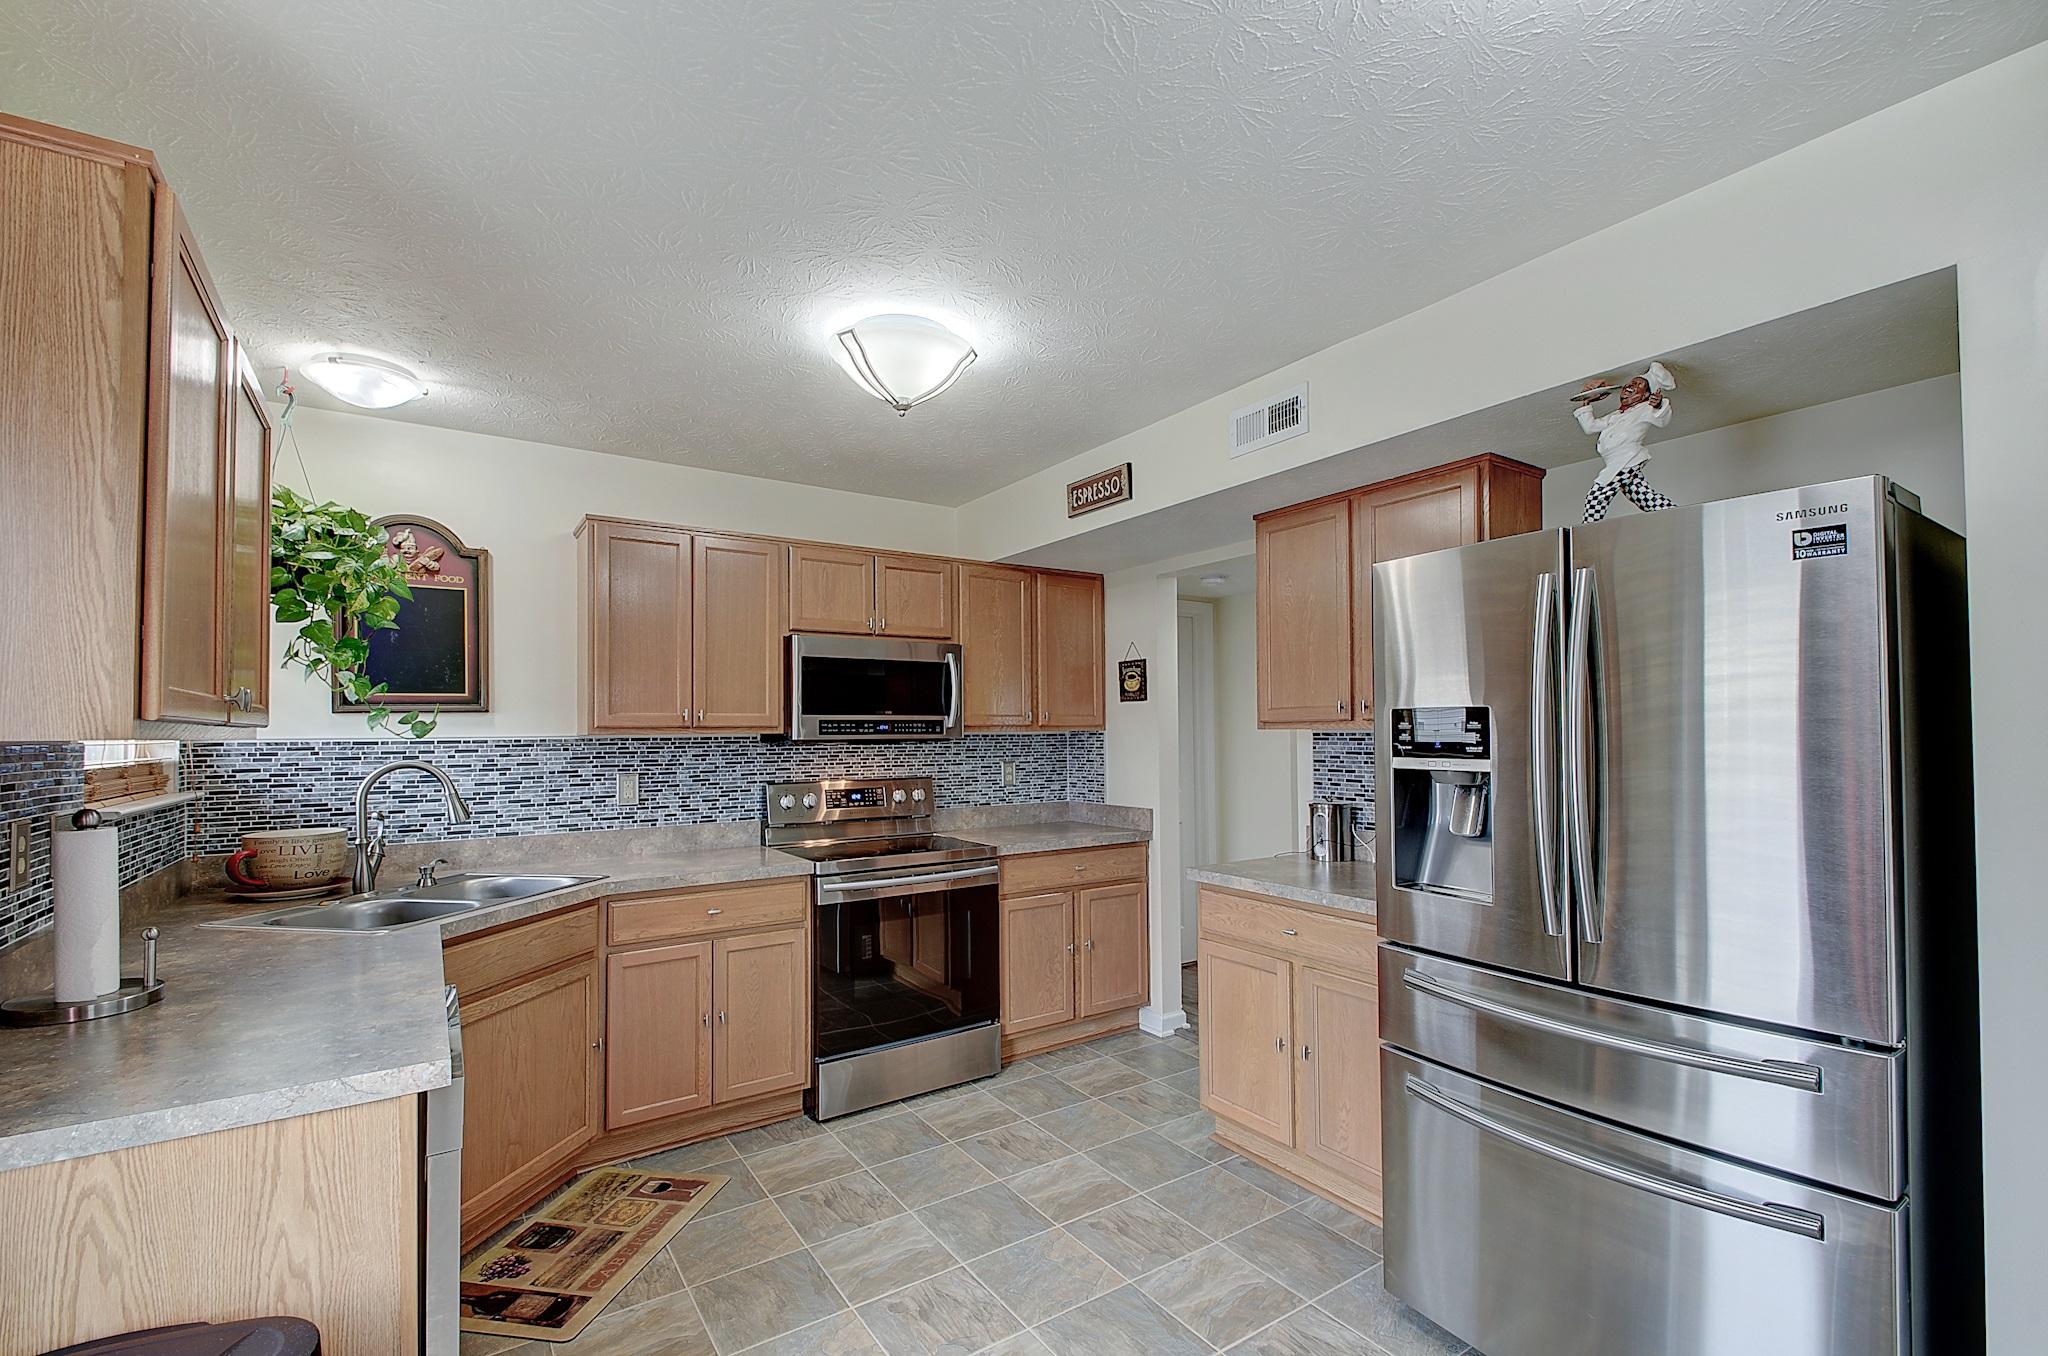 9-Kitchen View 2.jpg